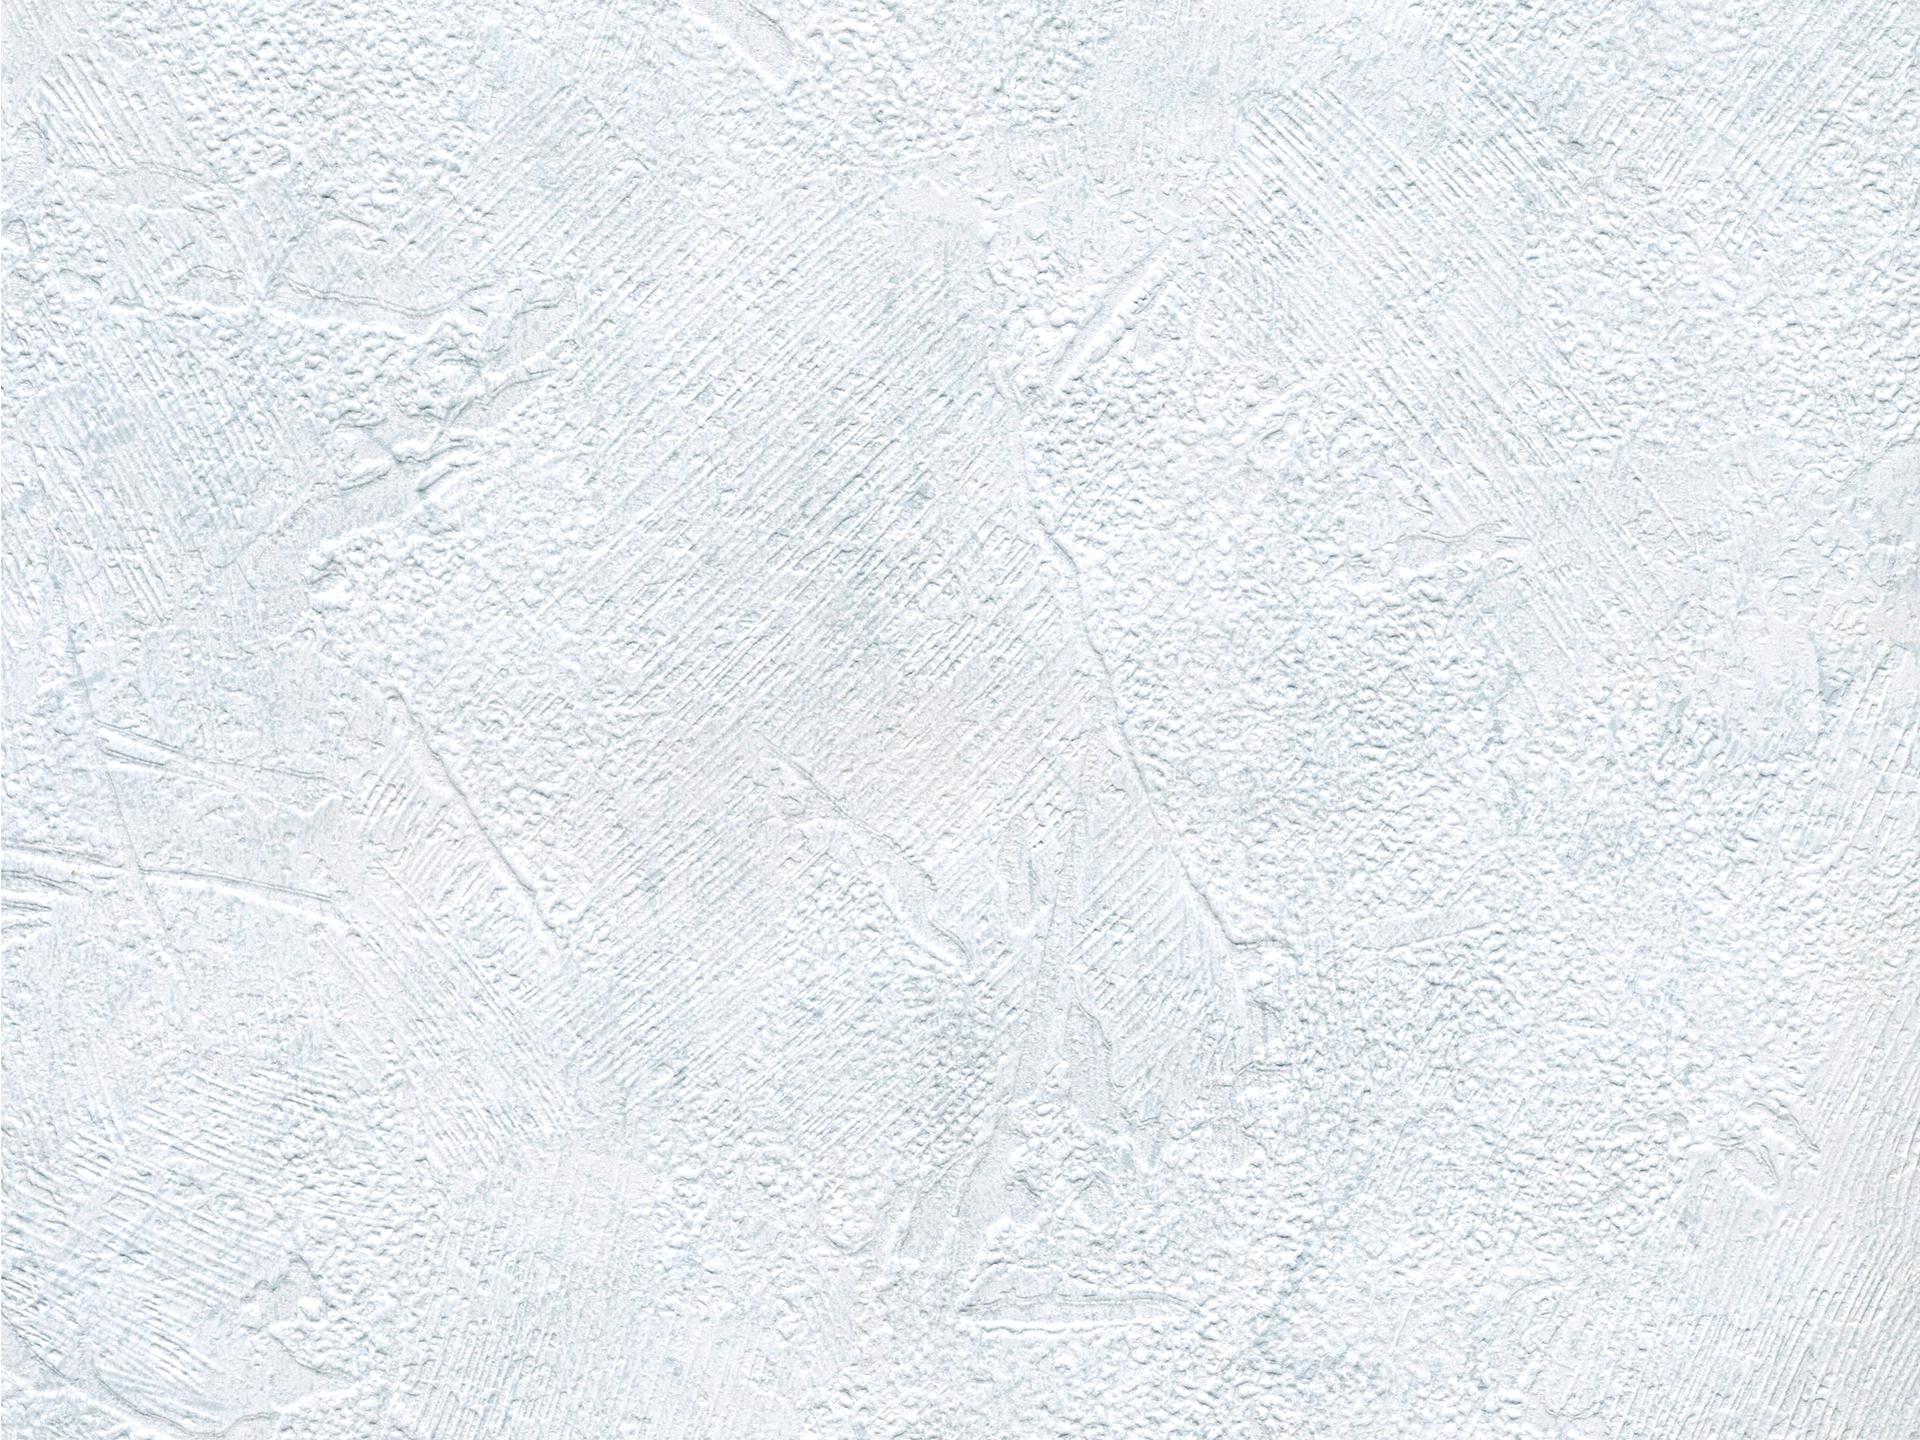 Fresco-behang-Stuc-wit_806298_000?base=images&sub=h9a&bottom=hdf&name=8881402183710&context=bWFzdGVyfGltYWdlc3wyODU4MTAzfGltYWdlL2pwZWd8aW1hZ2VzL2g5YS9oZGYvODg4MTQwMjE4MzcxMC5qcGd8NGY3MGUyMWYzZDRiZDA5MjAzZjY1YjJlNTEwMTdmZjE3YzZmYjhjOWIxZmFlZWYxYmI0ZTFmY2FiOGM5NjQwMQ&attachment=true